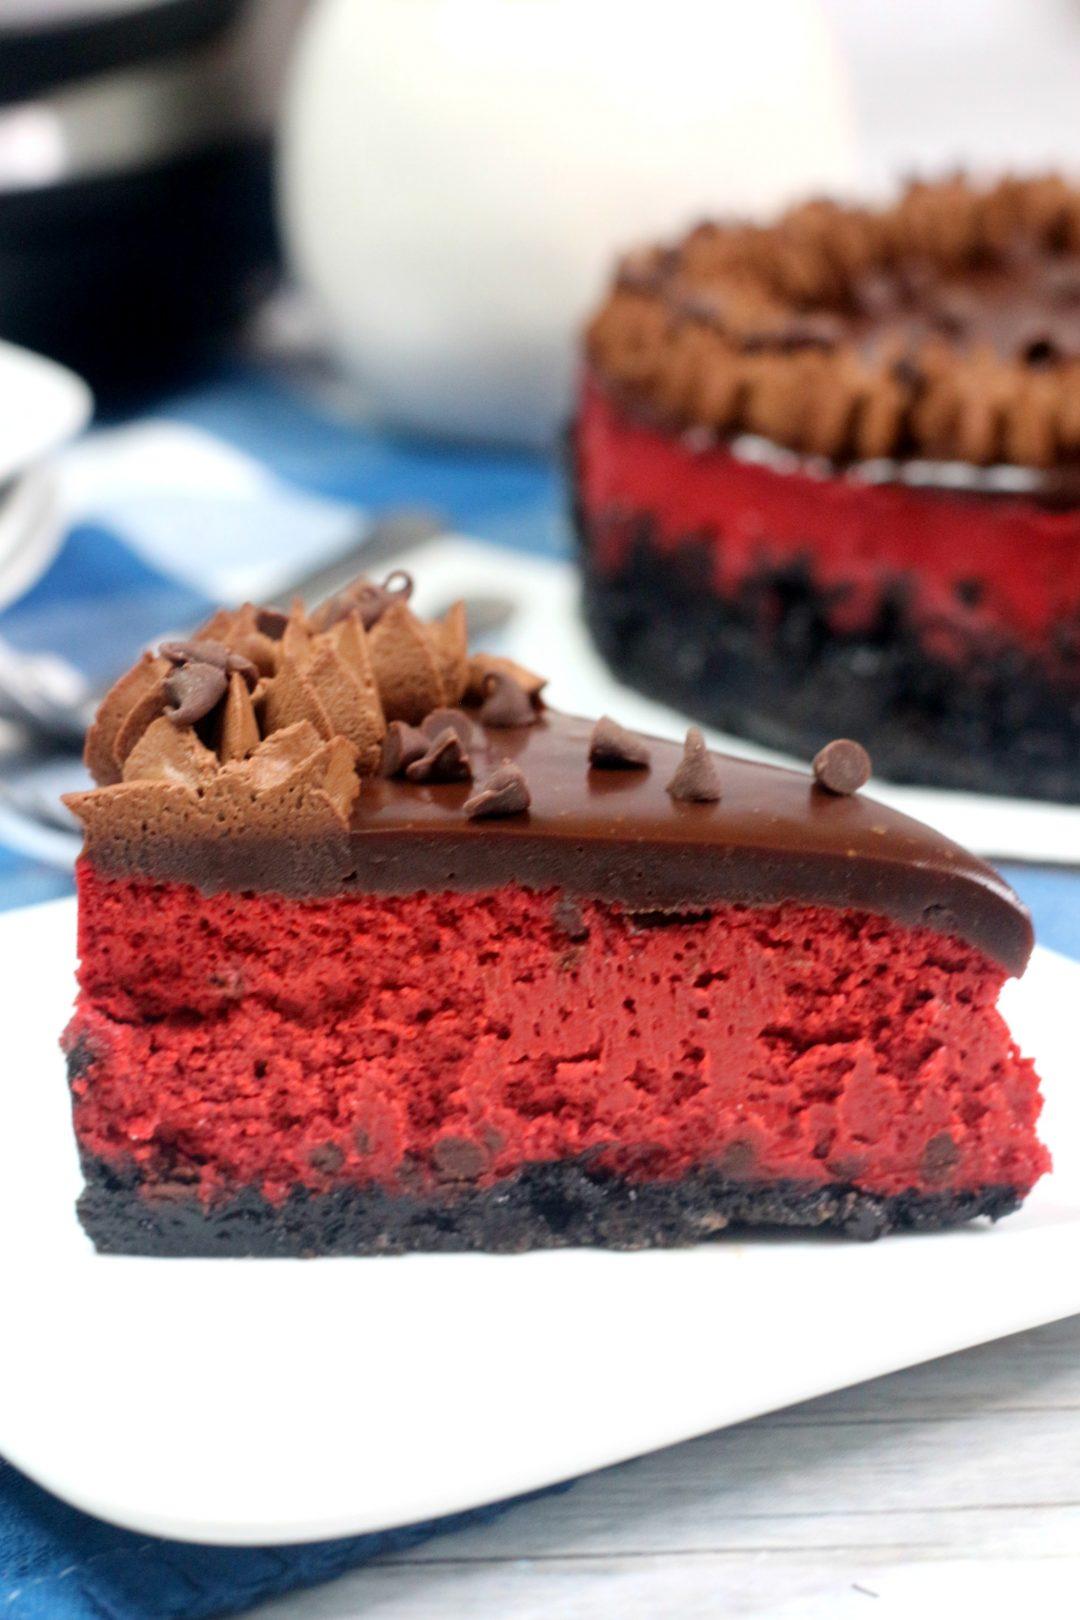 red velvet oreo cheesecake, pressure cooker red velvet cheesecake